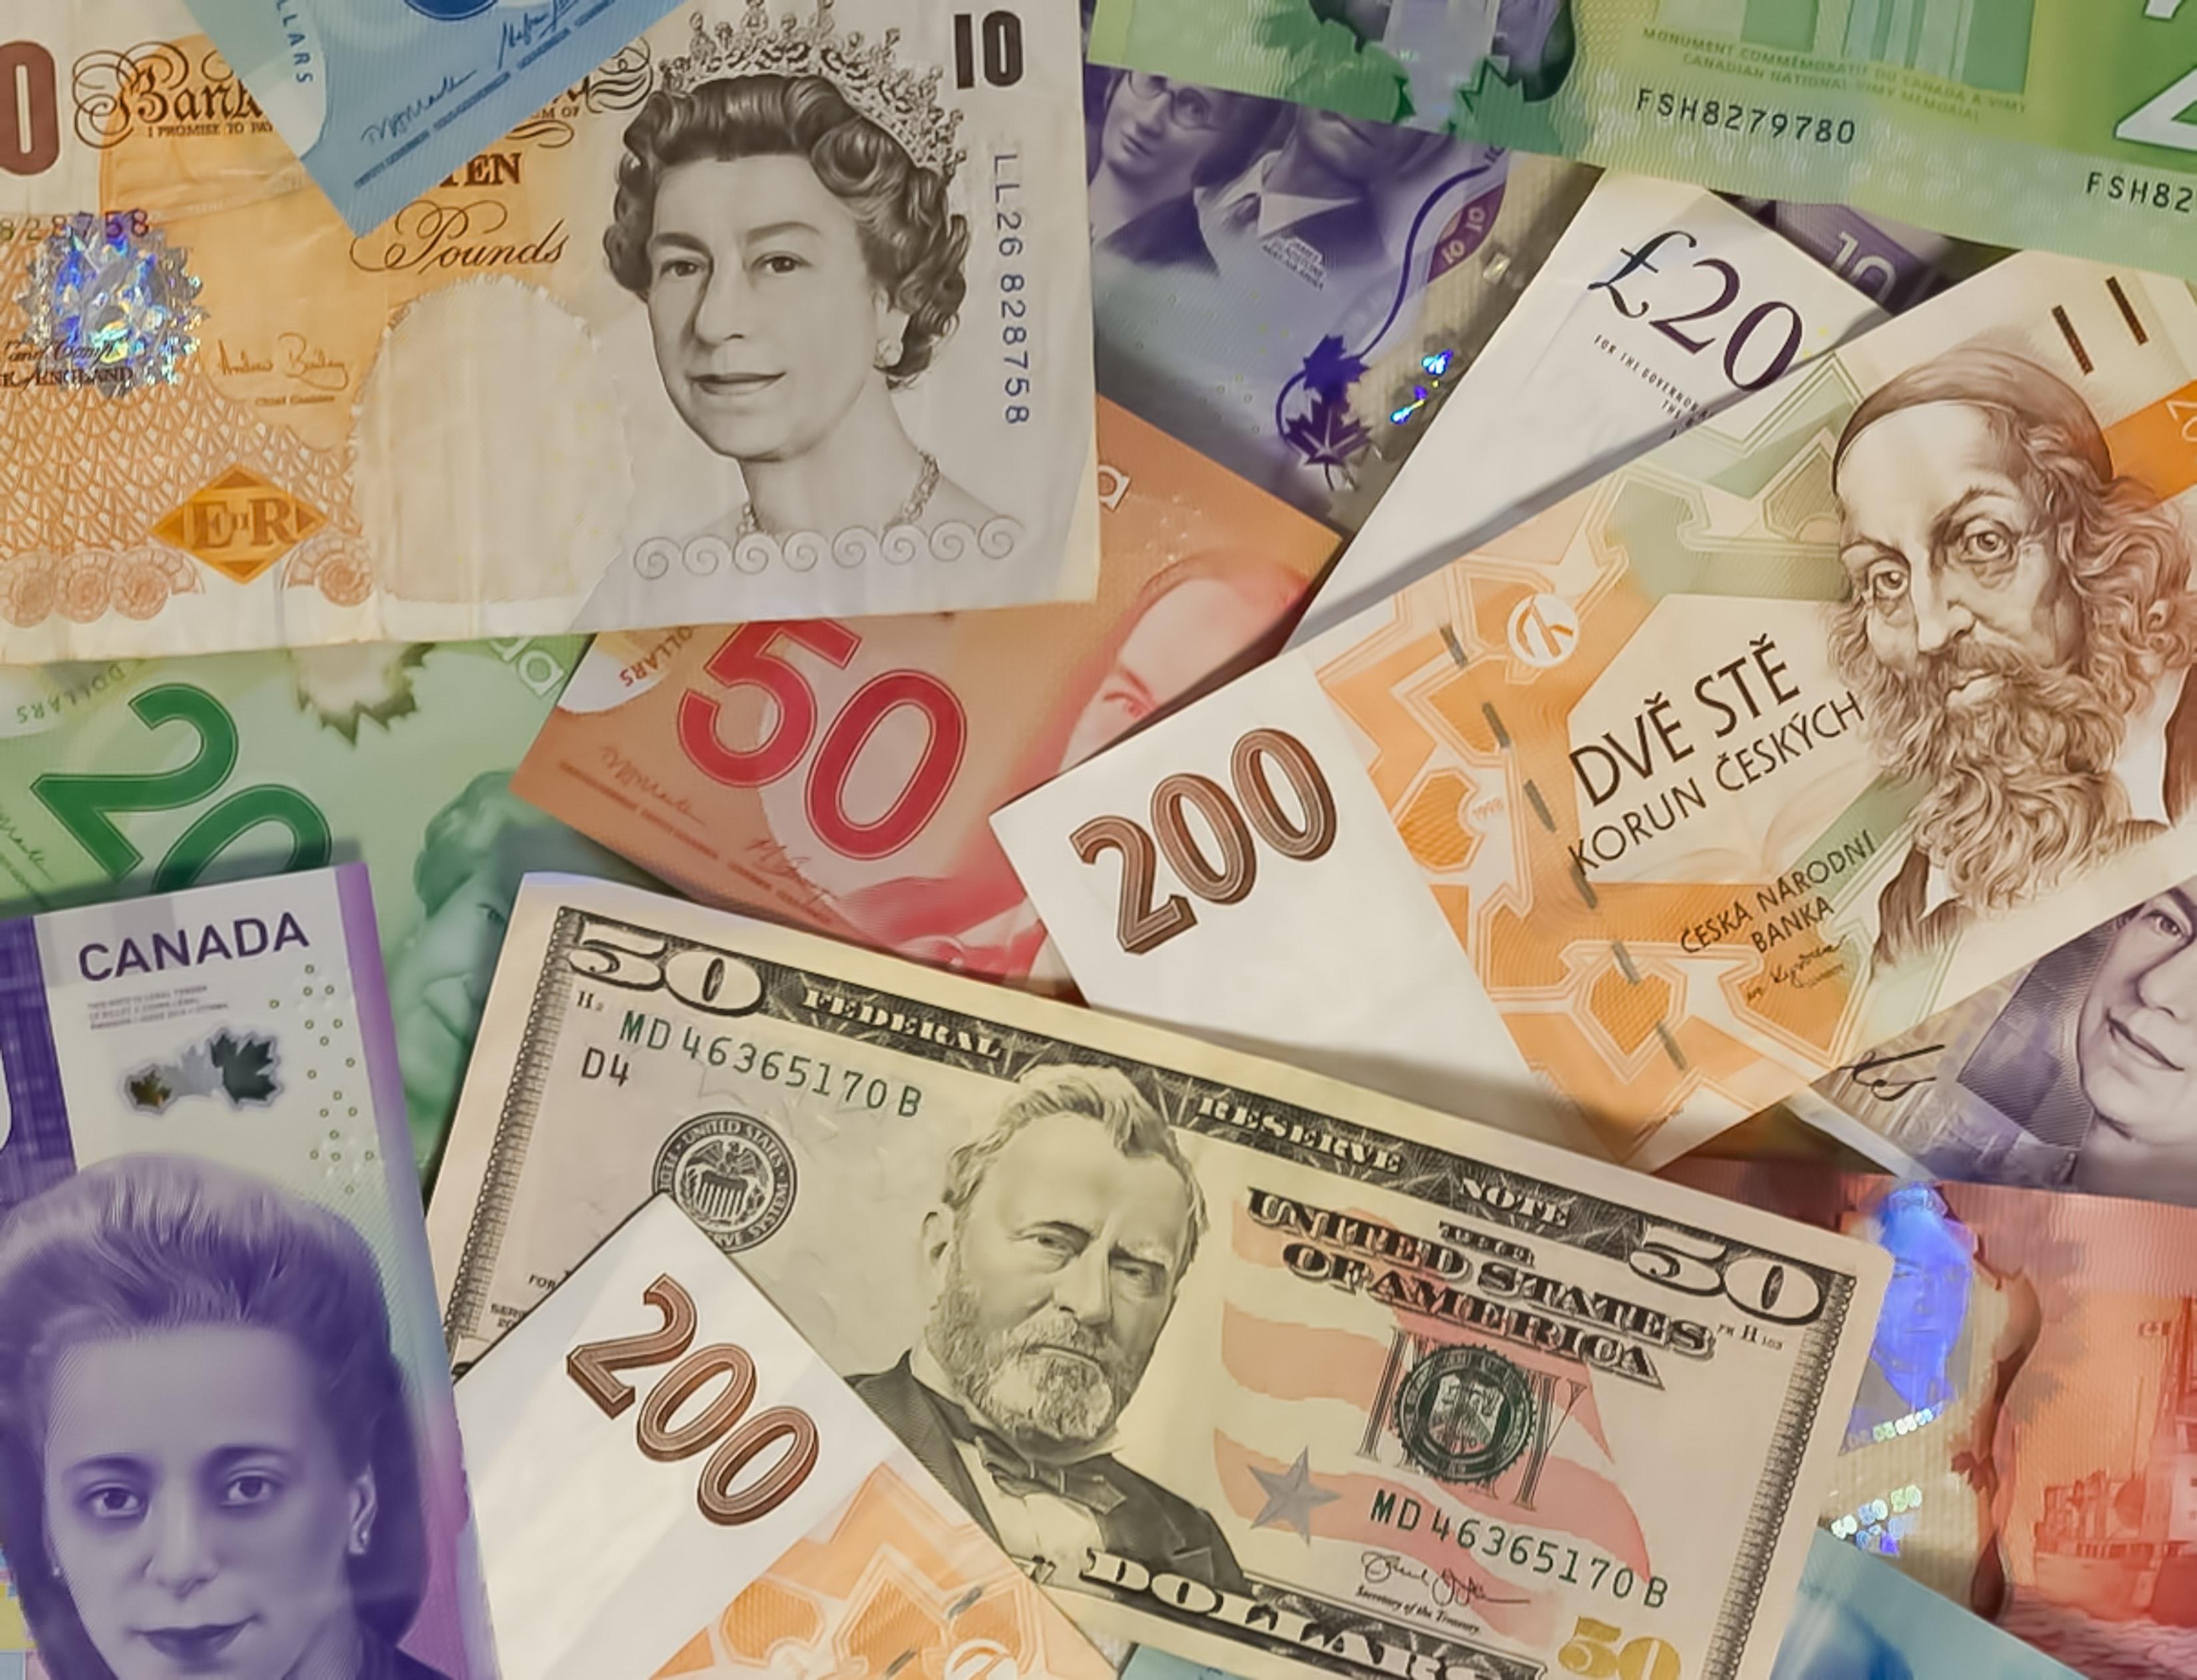 Valuutavahetus Tallinnas